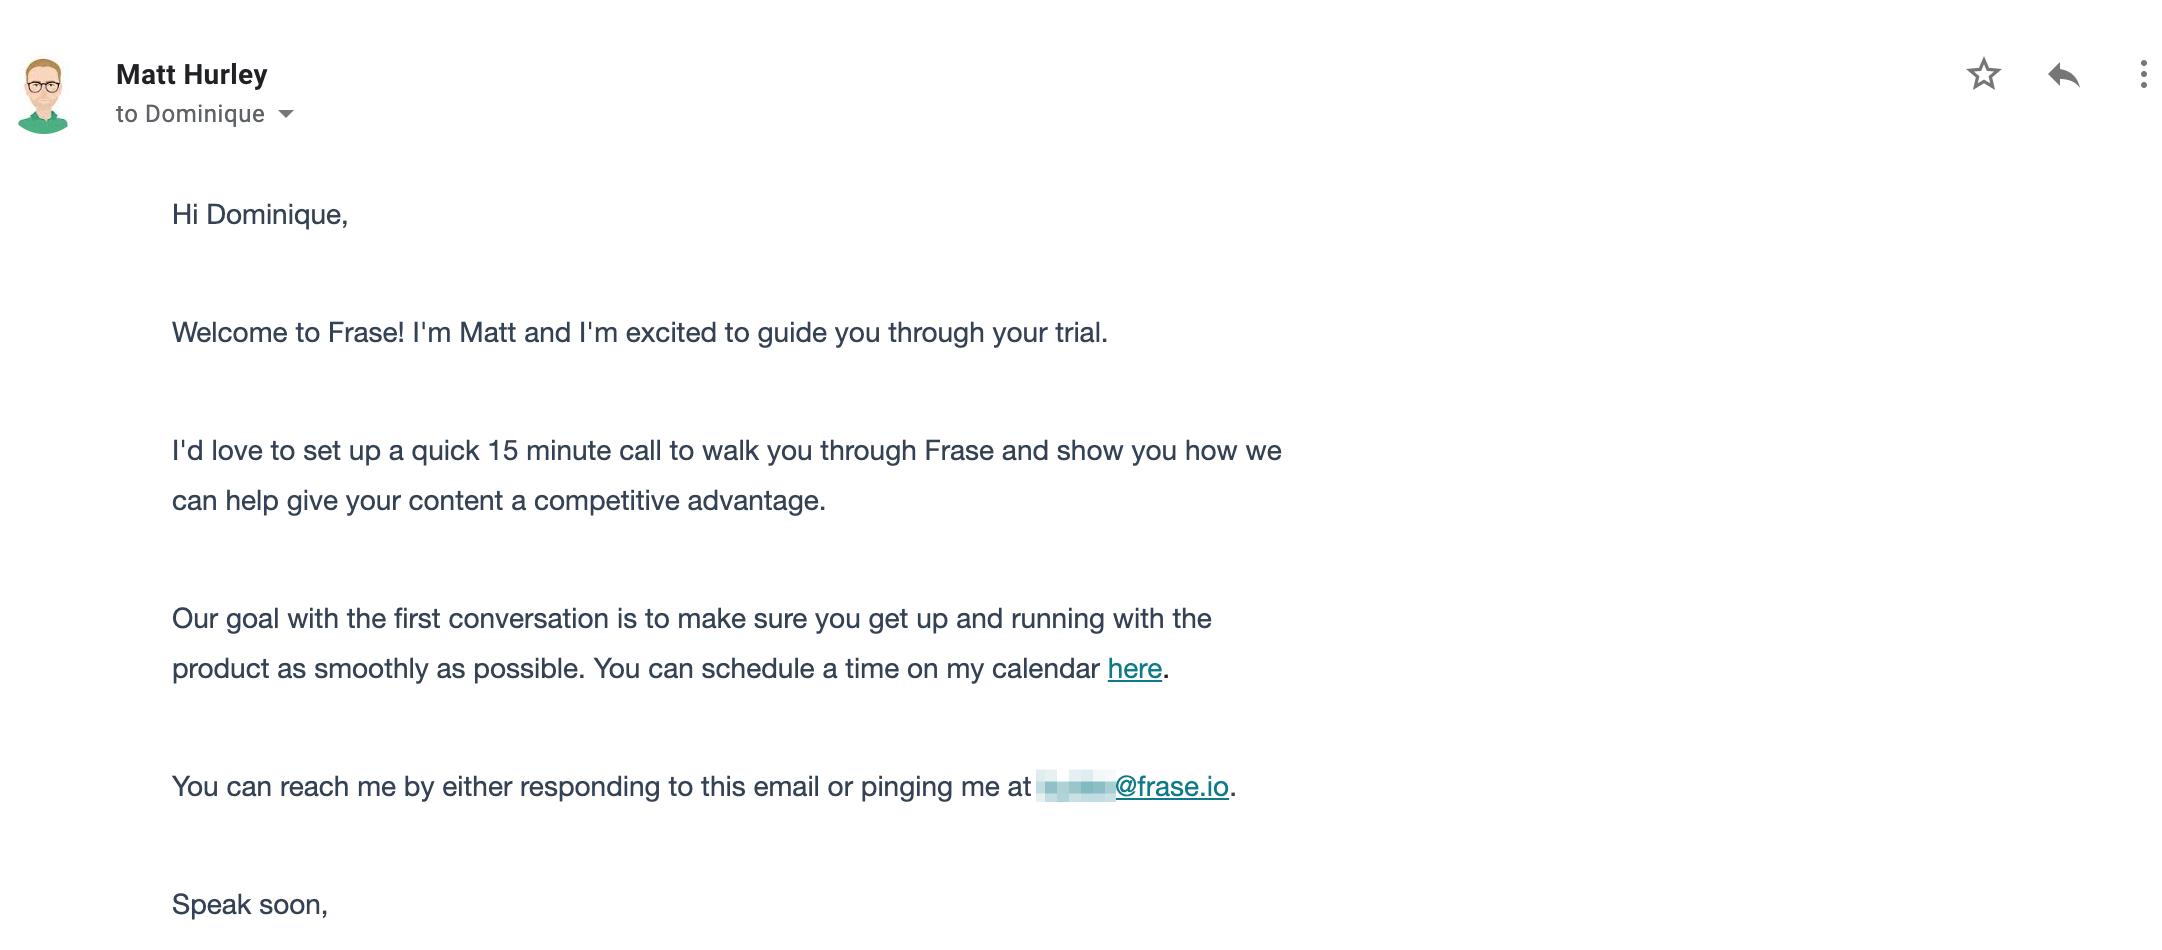 fraseio call setup email